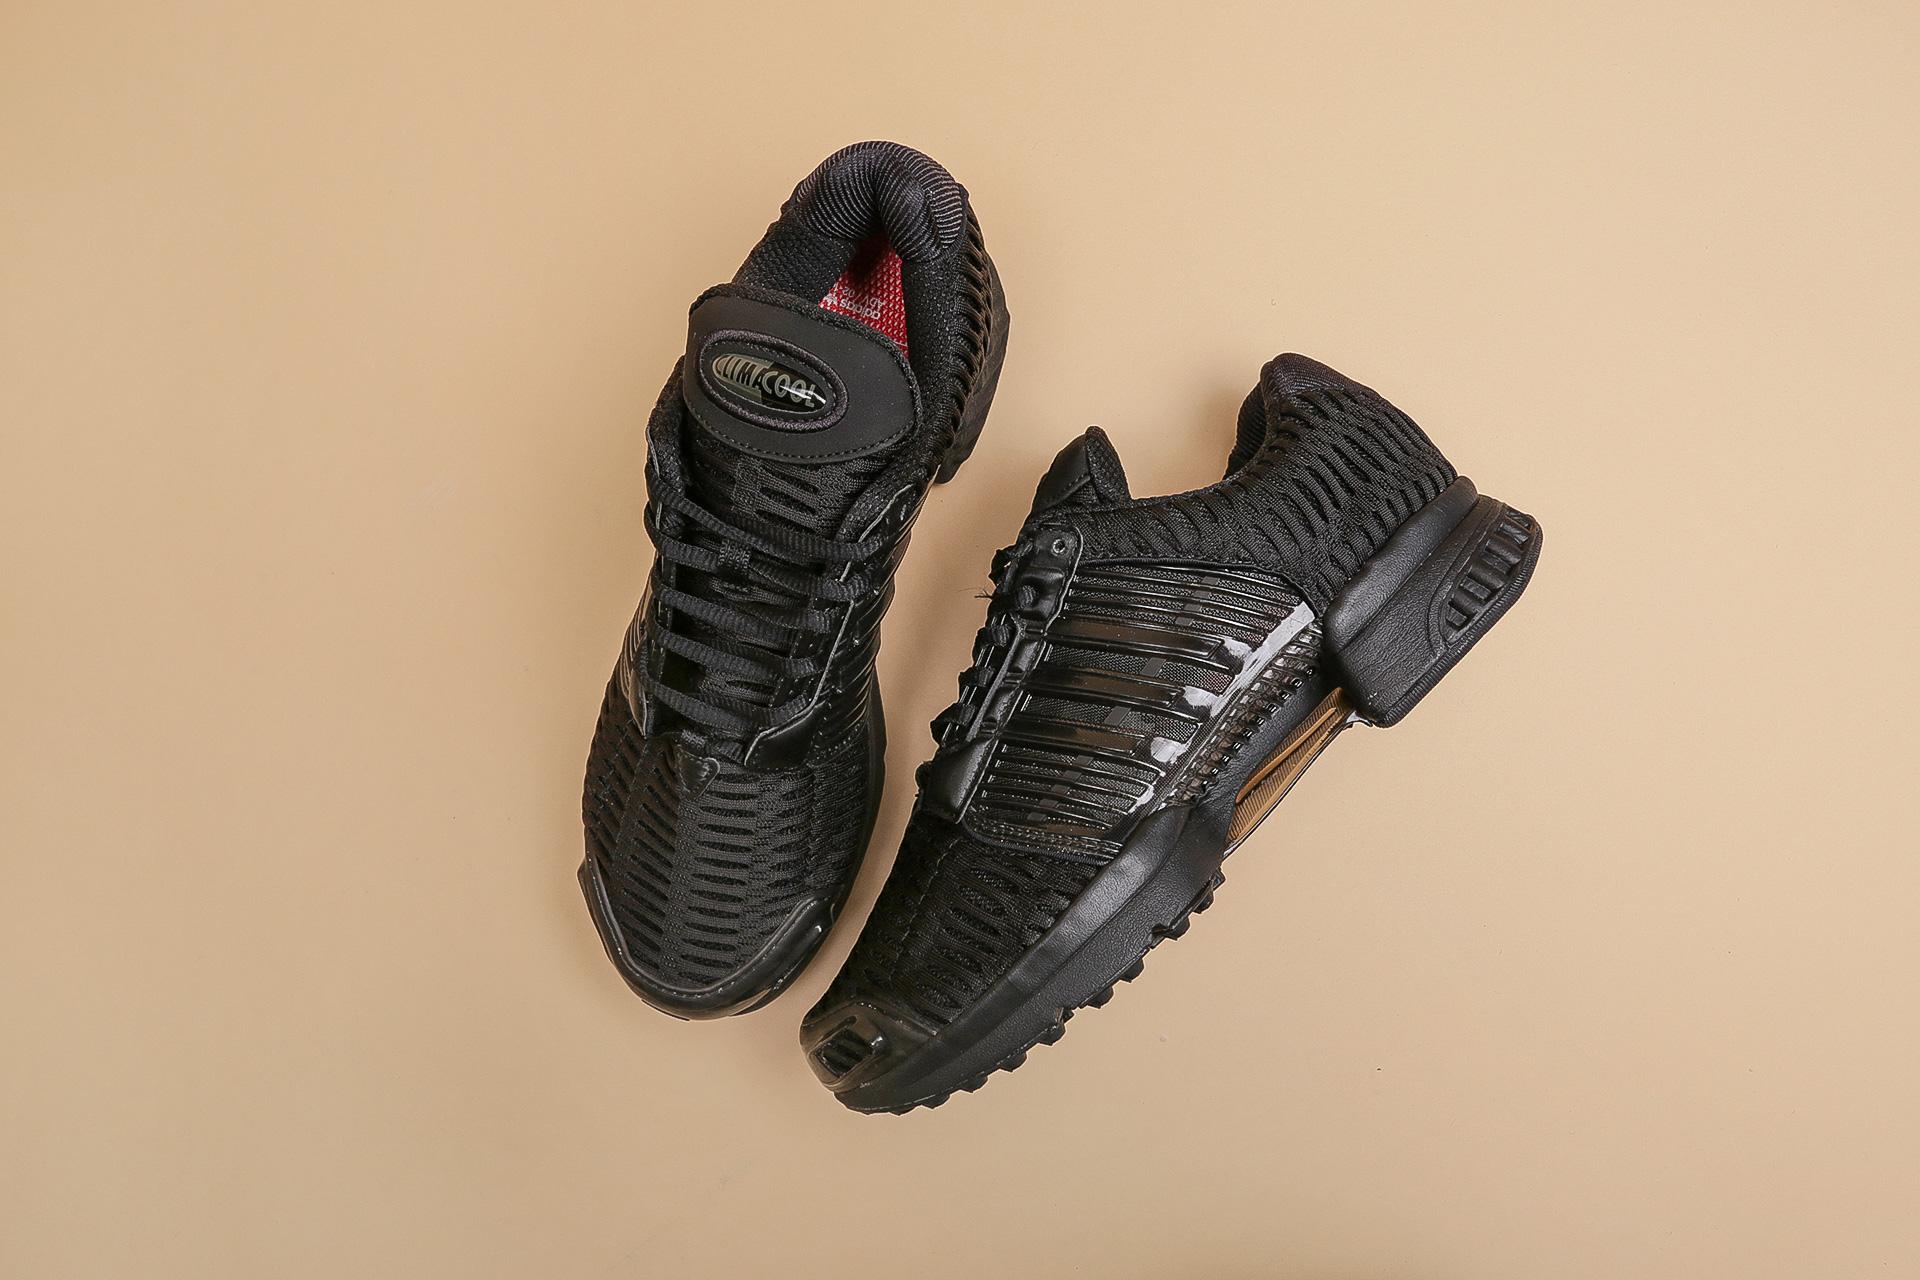 info for 7f200 73e73 Купить черные мужские кроссовки Clima Cool 1 от adidas ...